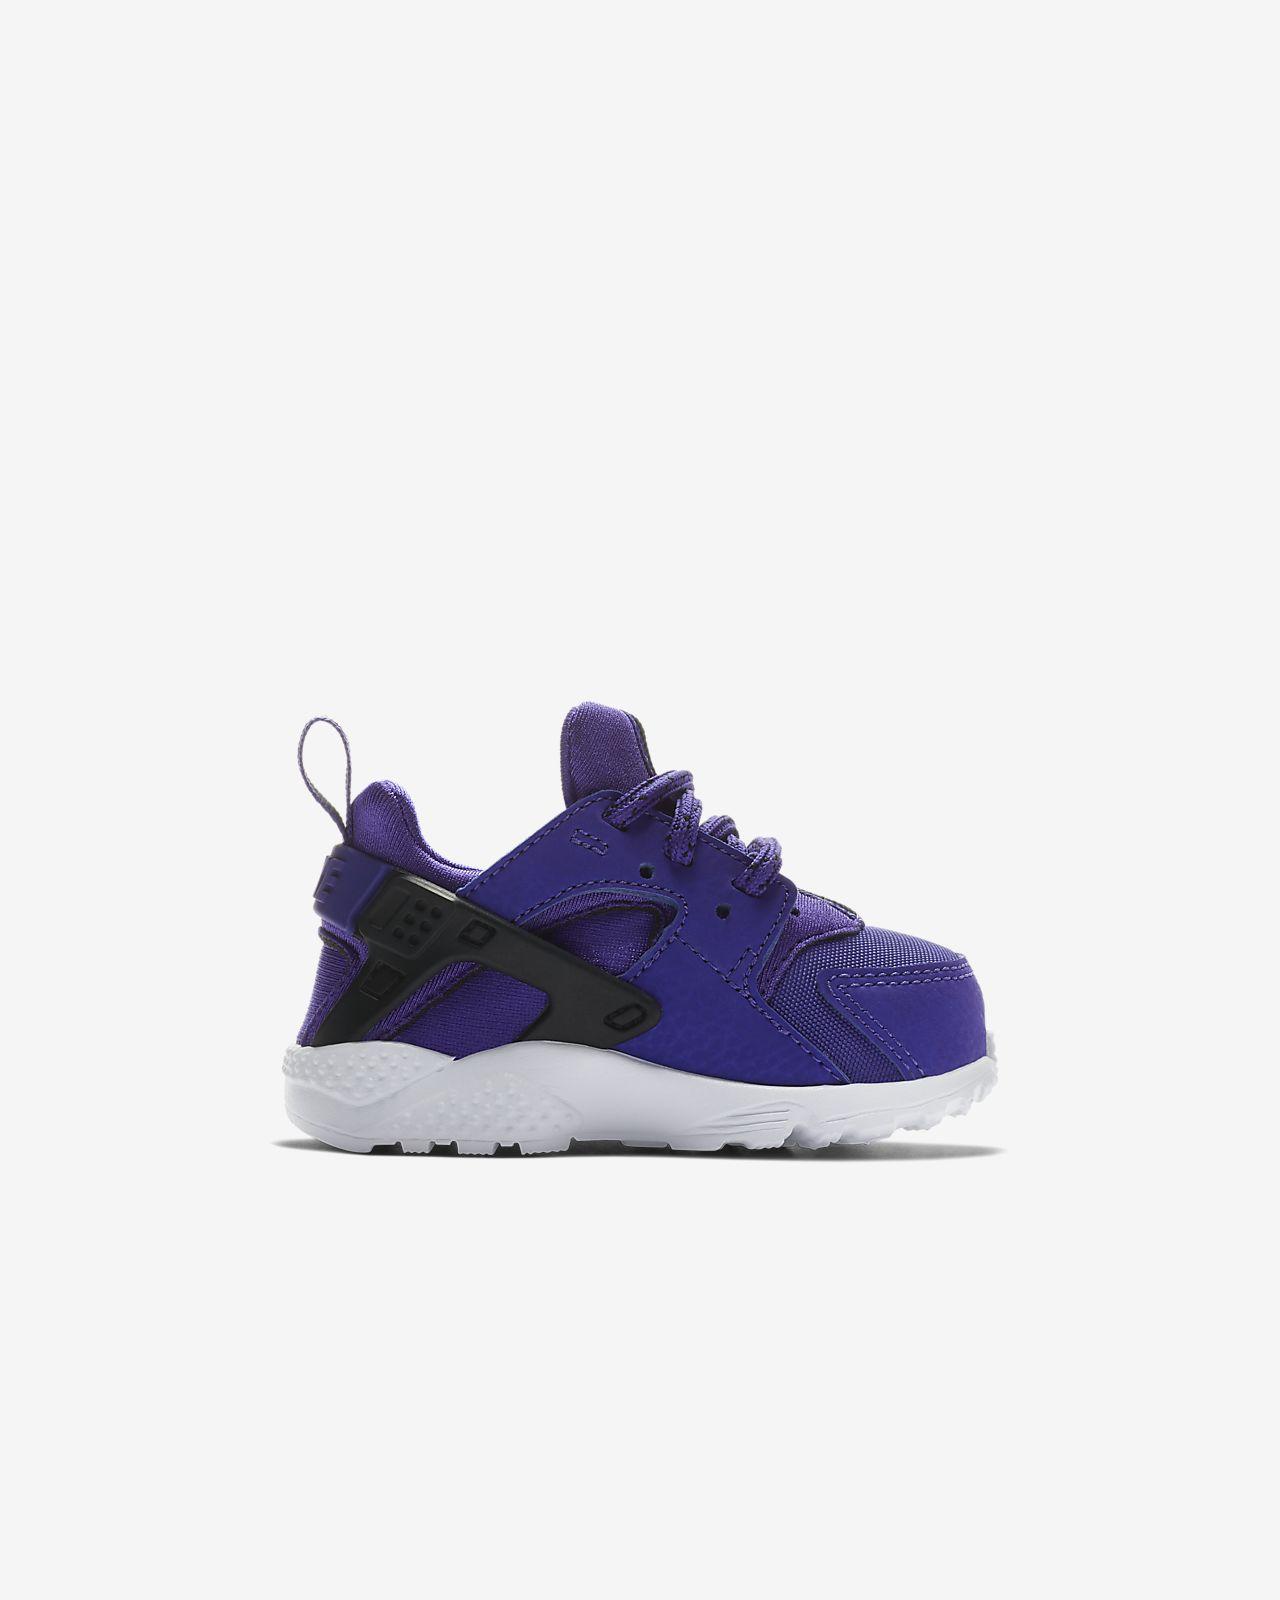 c8228e4dc857 Nike Huarache Run SE Infant Toddler Shoe. Nike.com